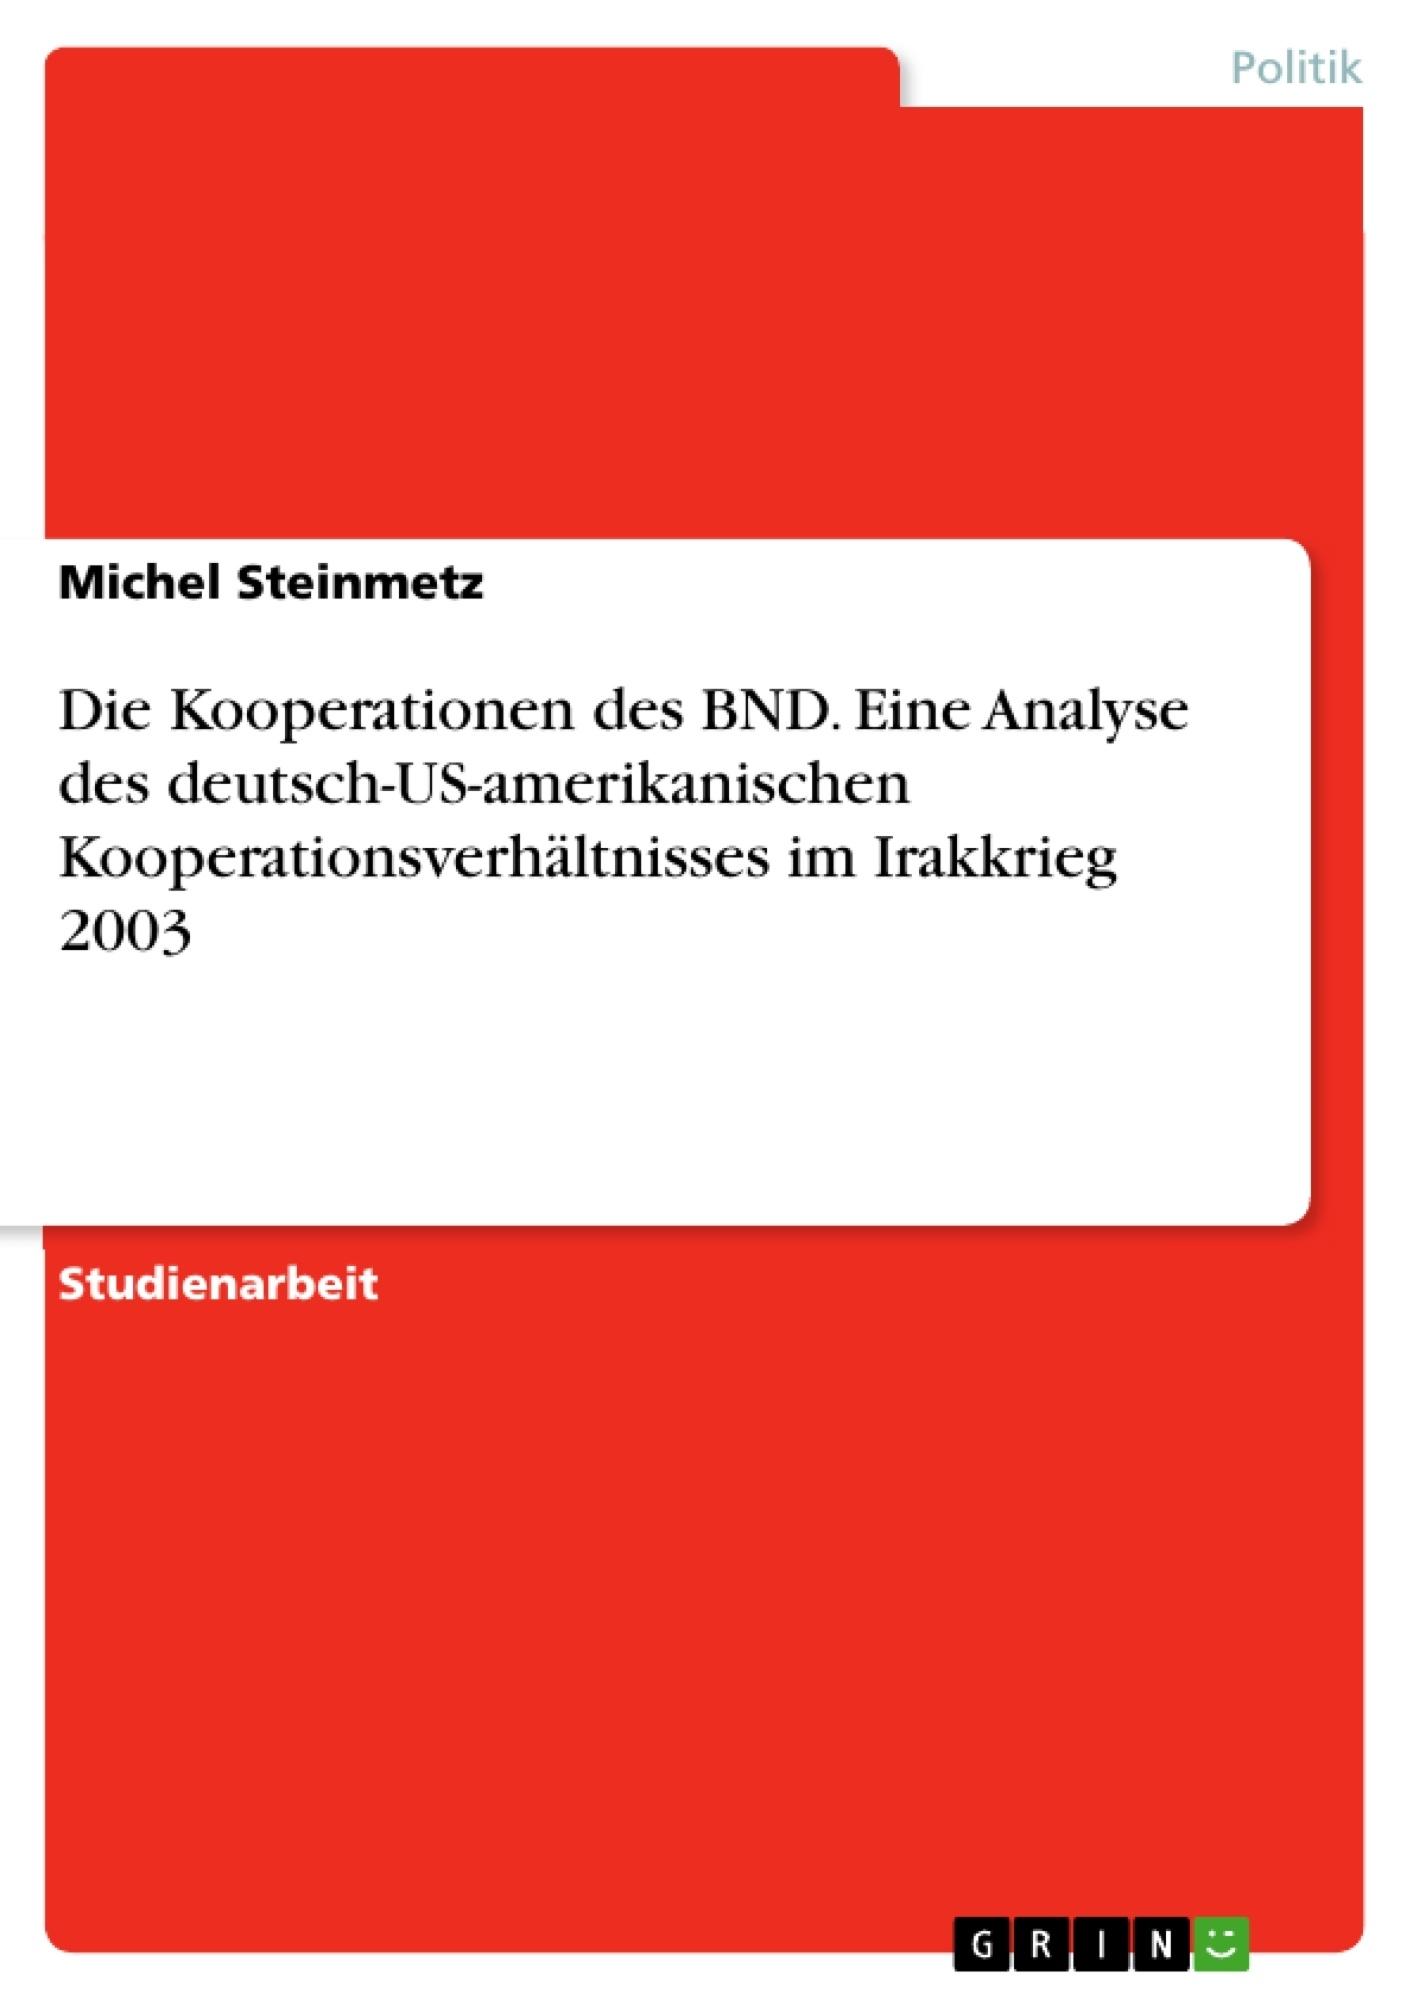 Titel: Die Kooperationen des BND. Eine Analyse des deutsch-US-amerikanischen Kooperationsverhältnisses im Irakkrieg 2003